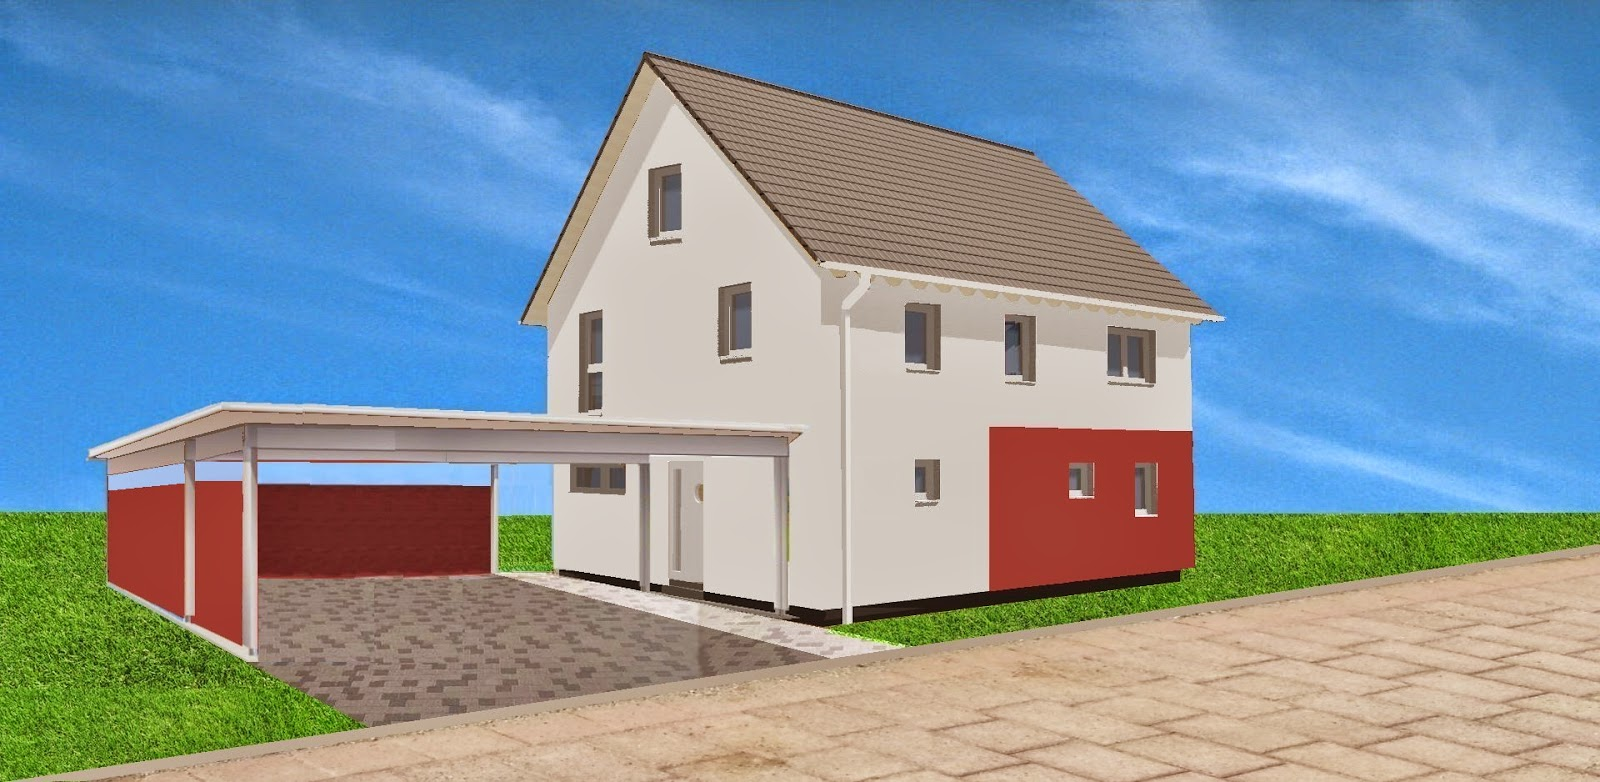 wir bauen ein okal haus ausschreibung f r carport schopf ist raus. Black Bedroom Furniture Sets. Home Design Ideas